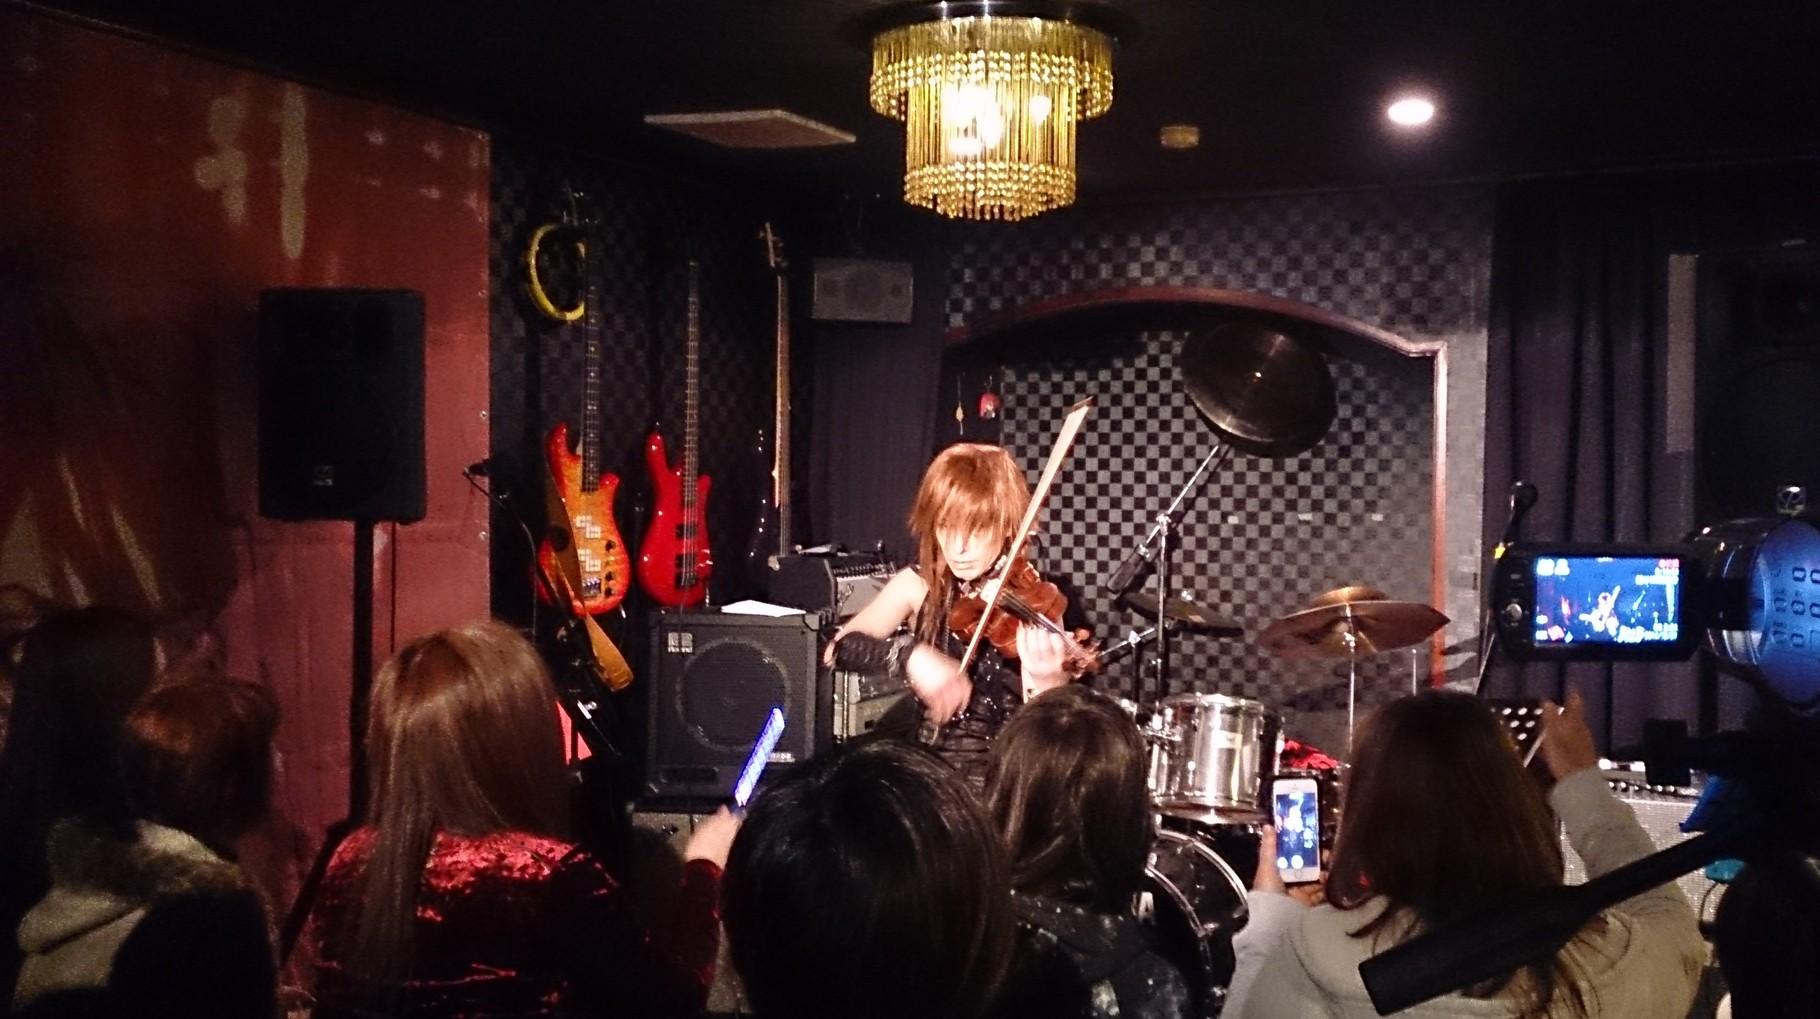 X JAPAN MSG公演の感動をヴァイオリンで表現しました♪